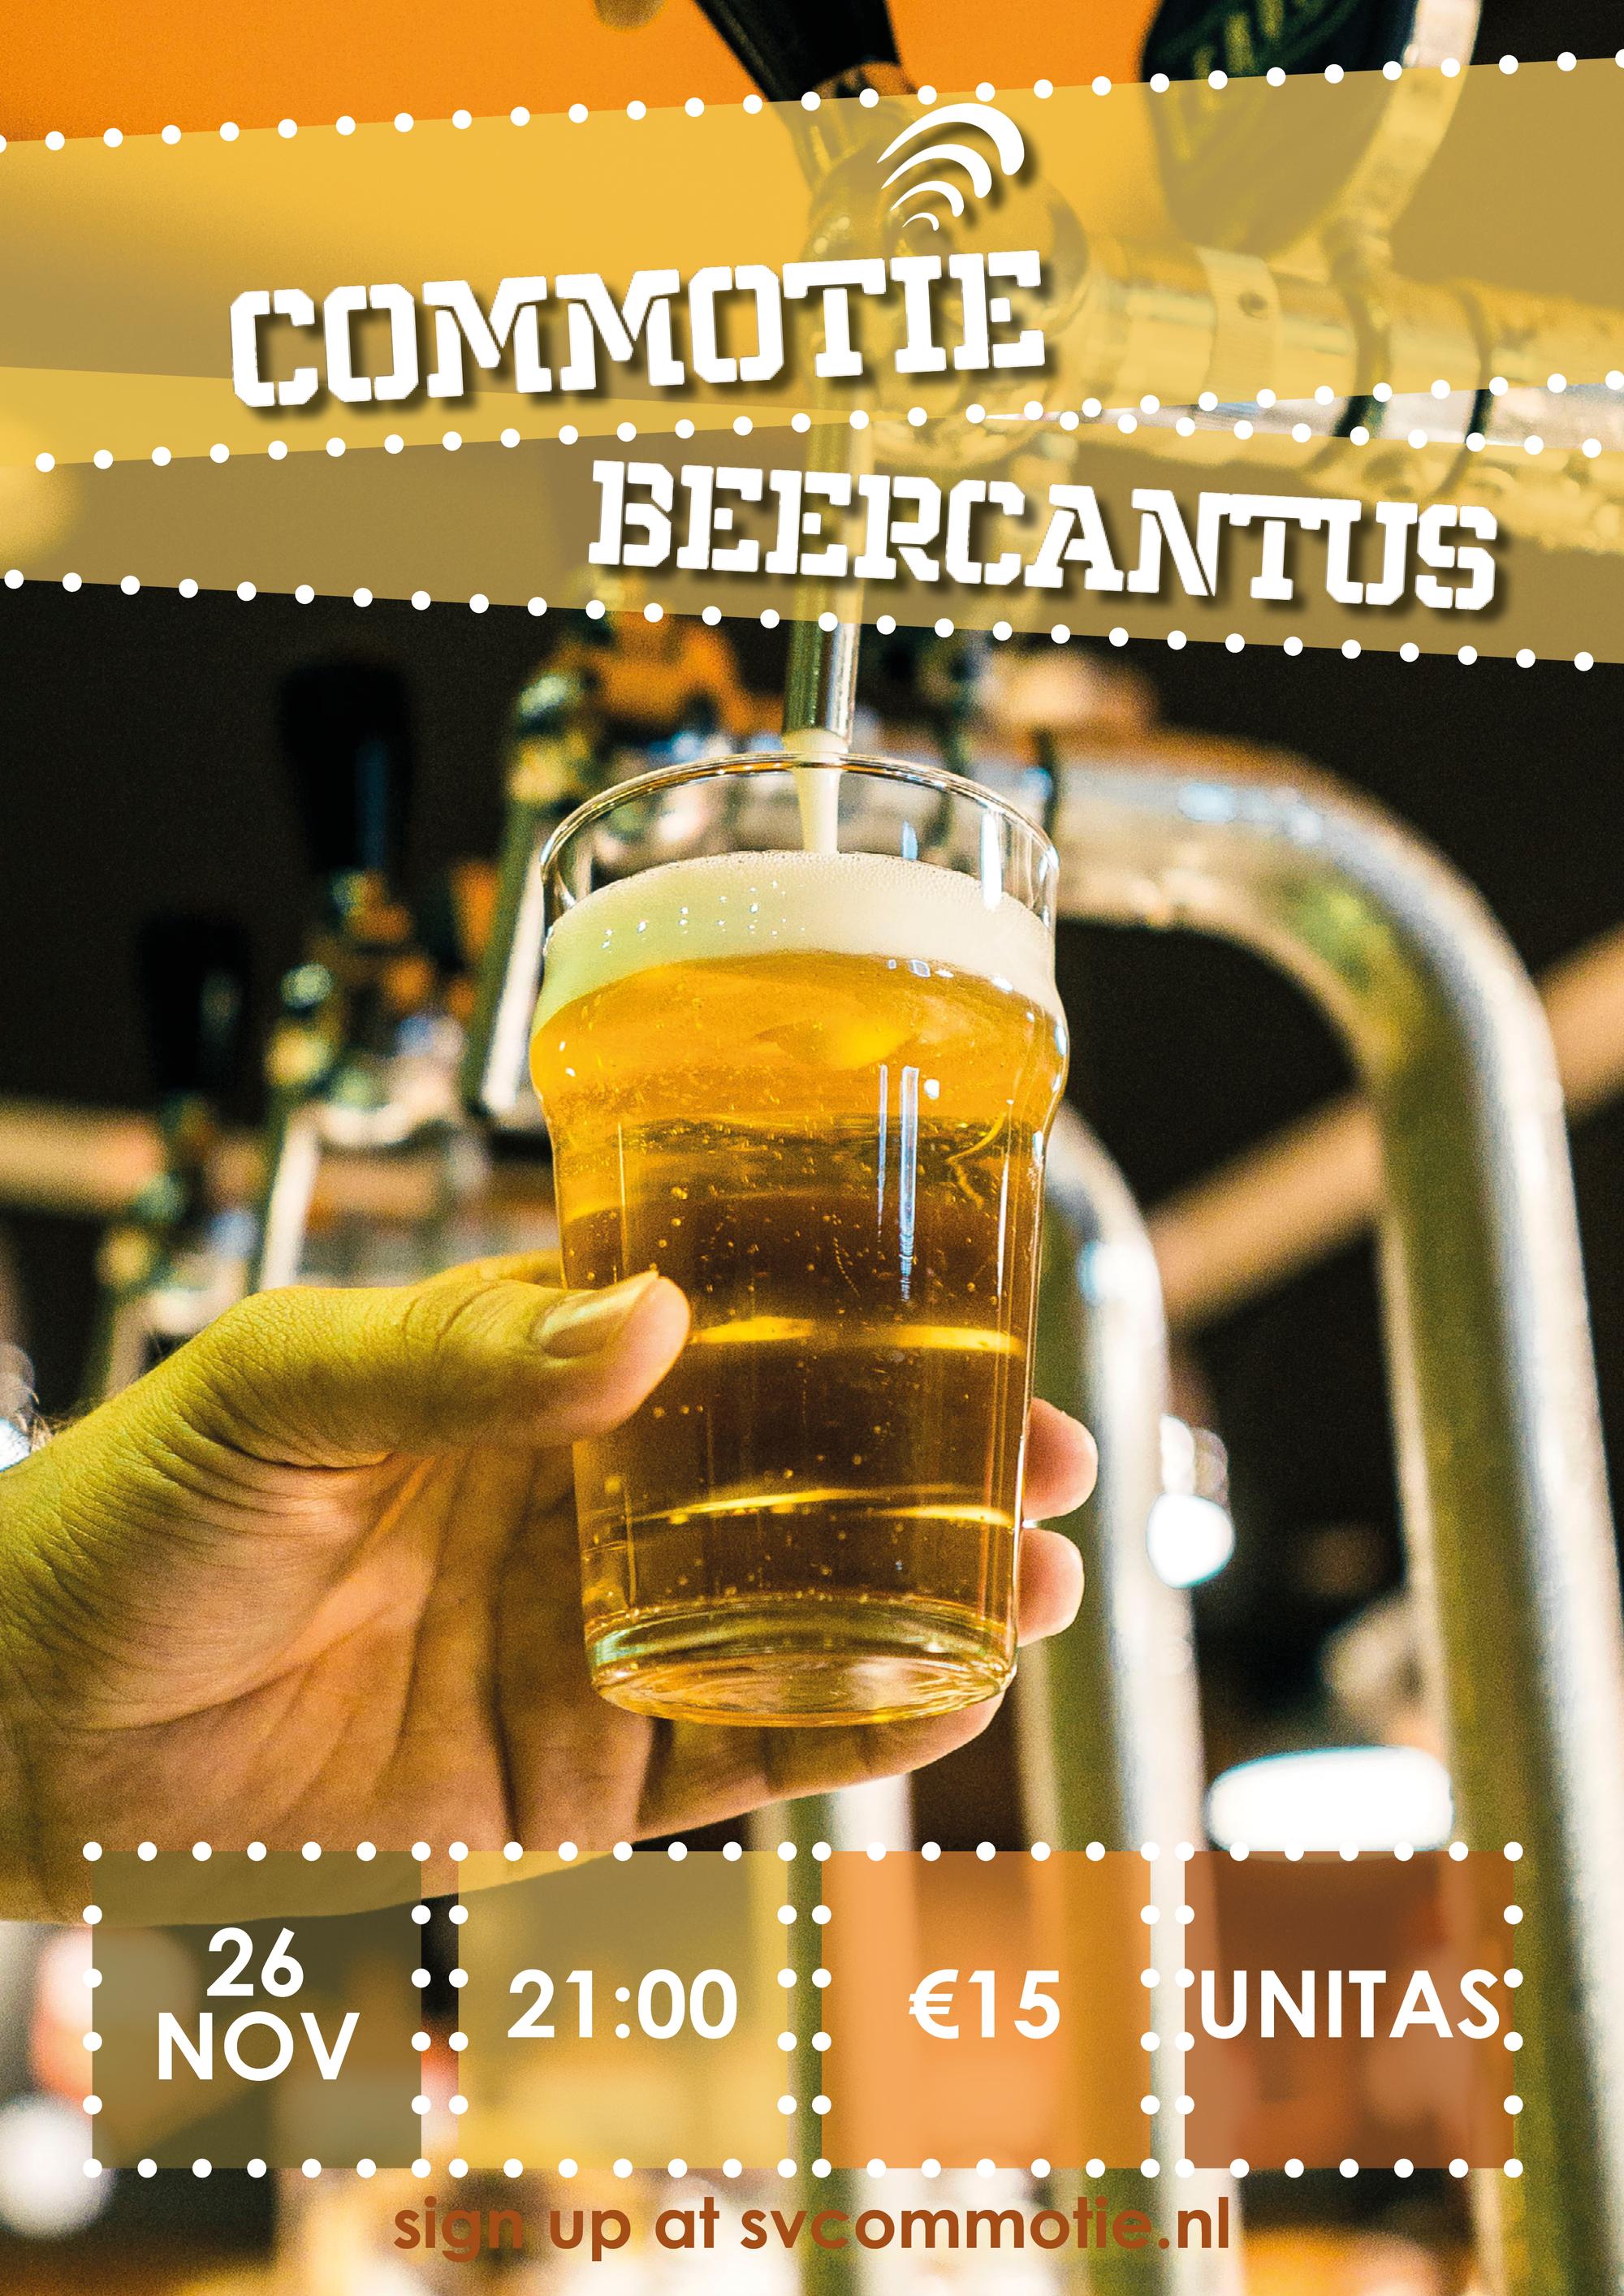 Beercantus